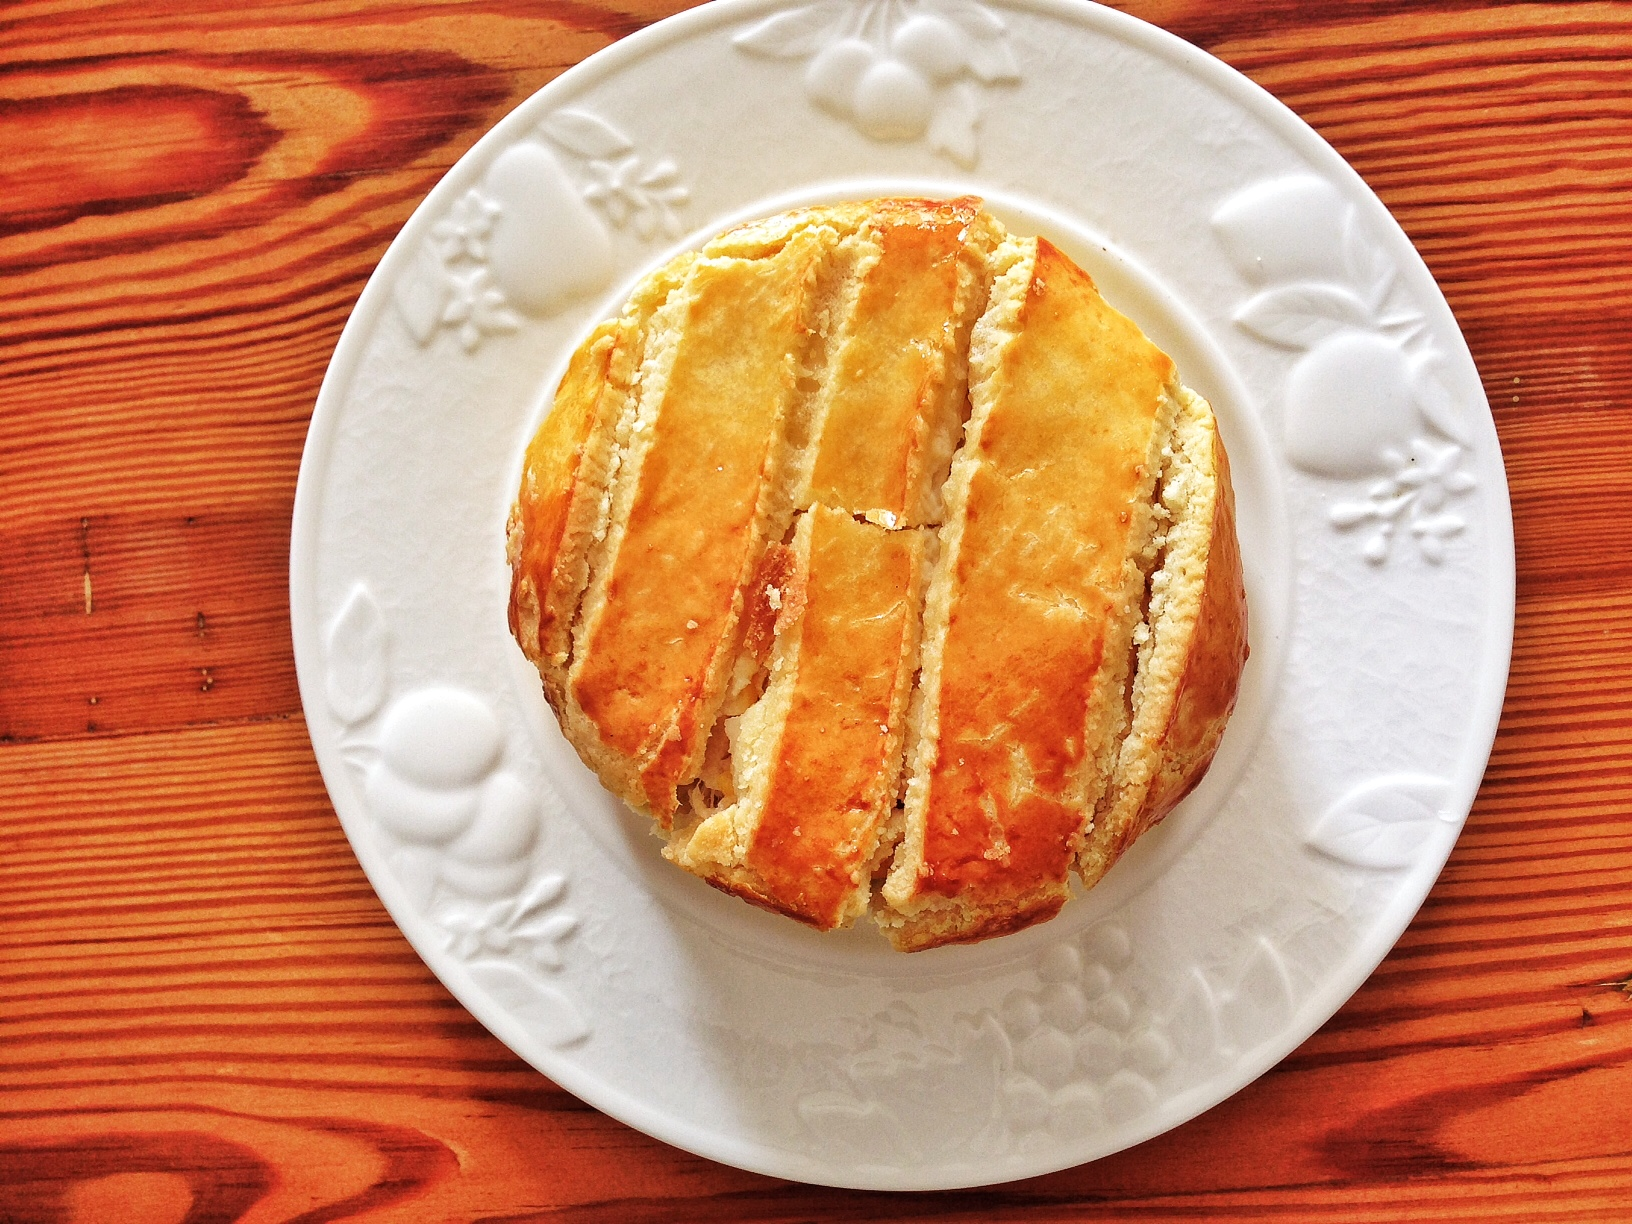 Torta rústica de frango: Torta de frango desfiado com legumes, coberta de creme de milho verde e massa que derrete na boca.